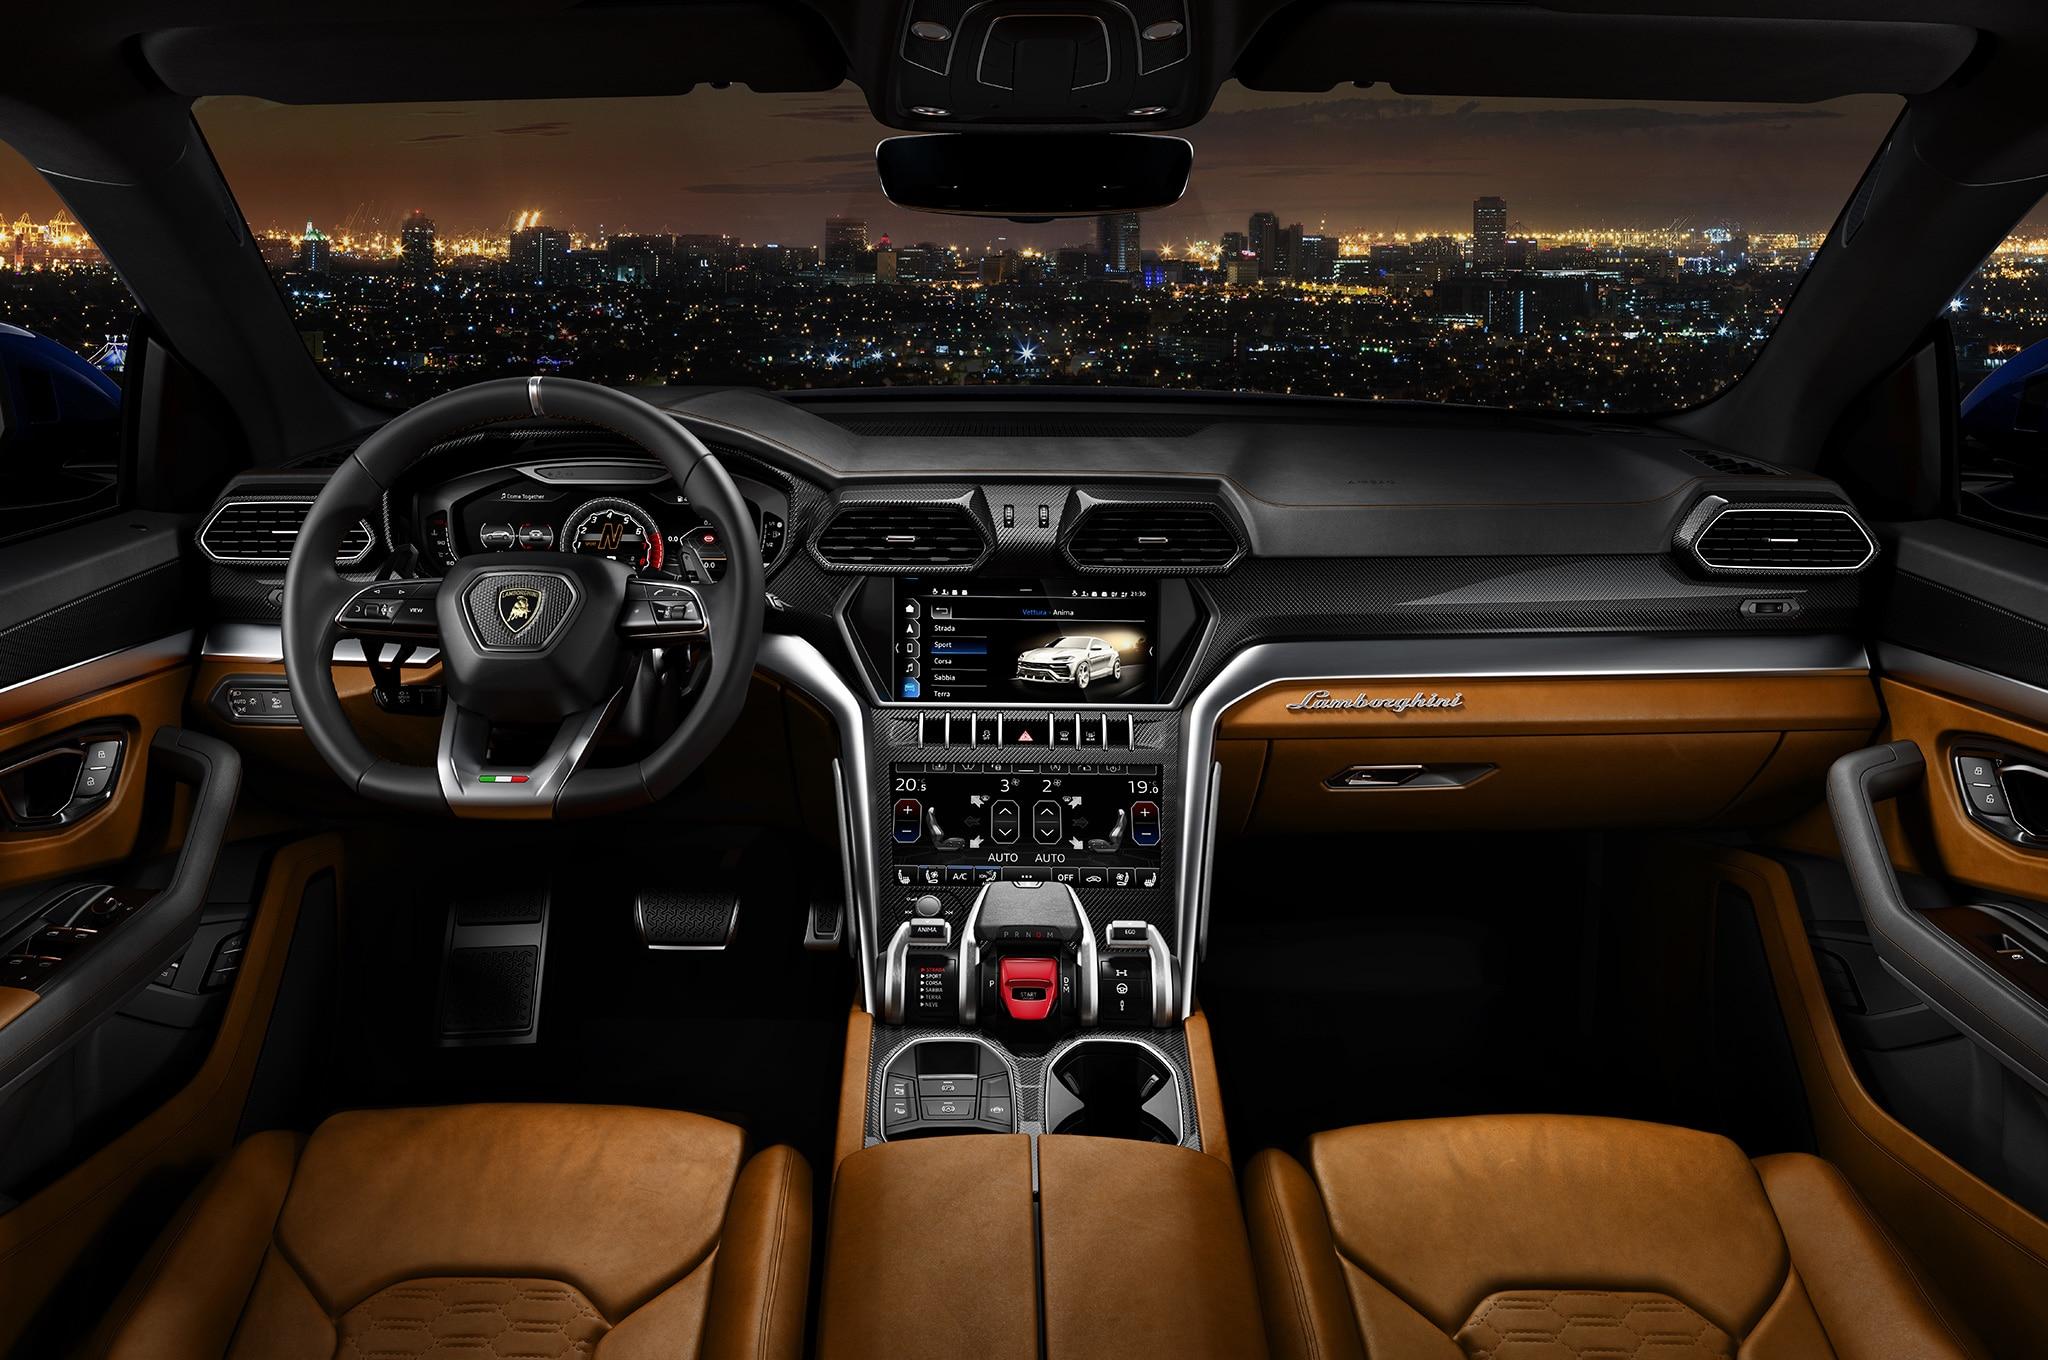 2019-Lamborghini-Urus-interior.jpg